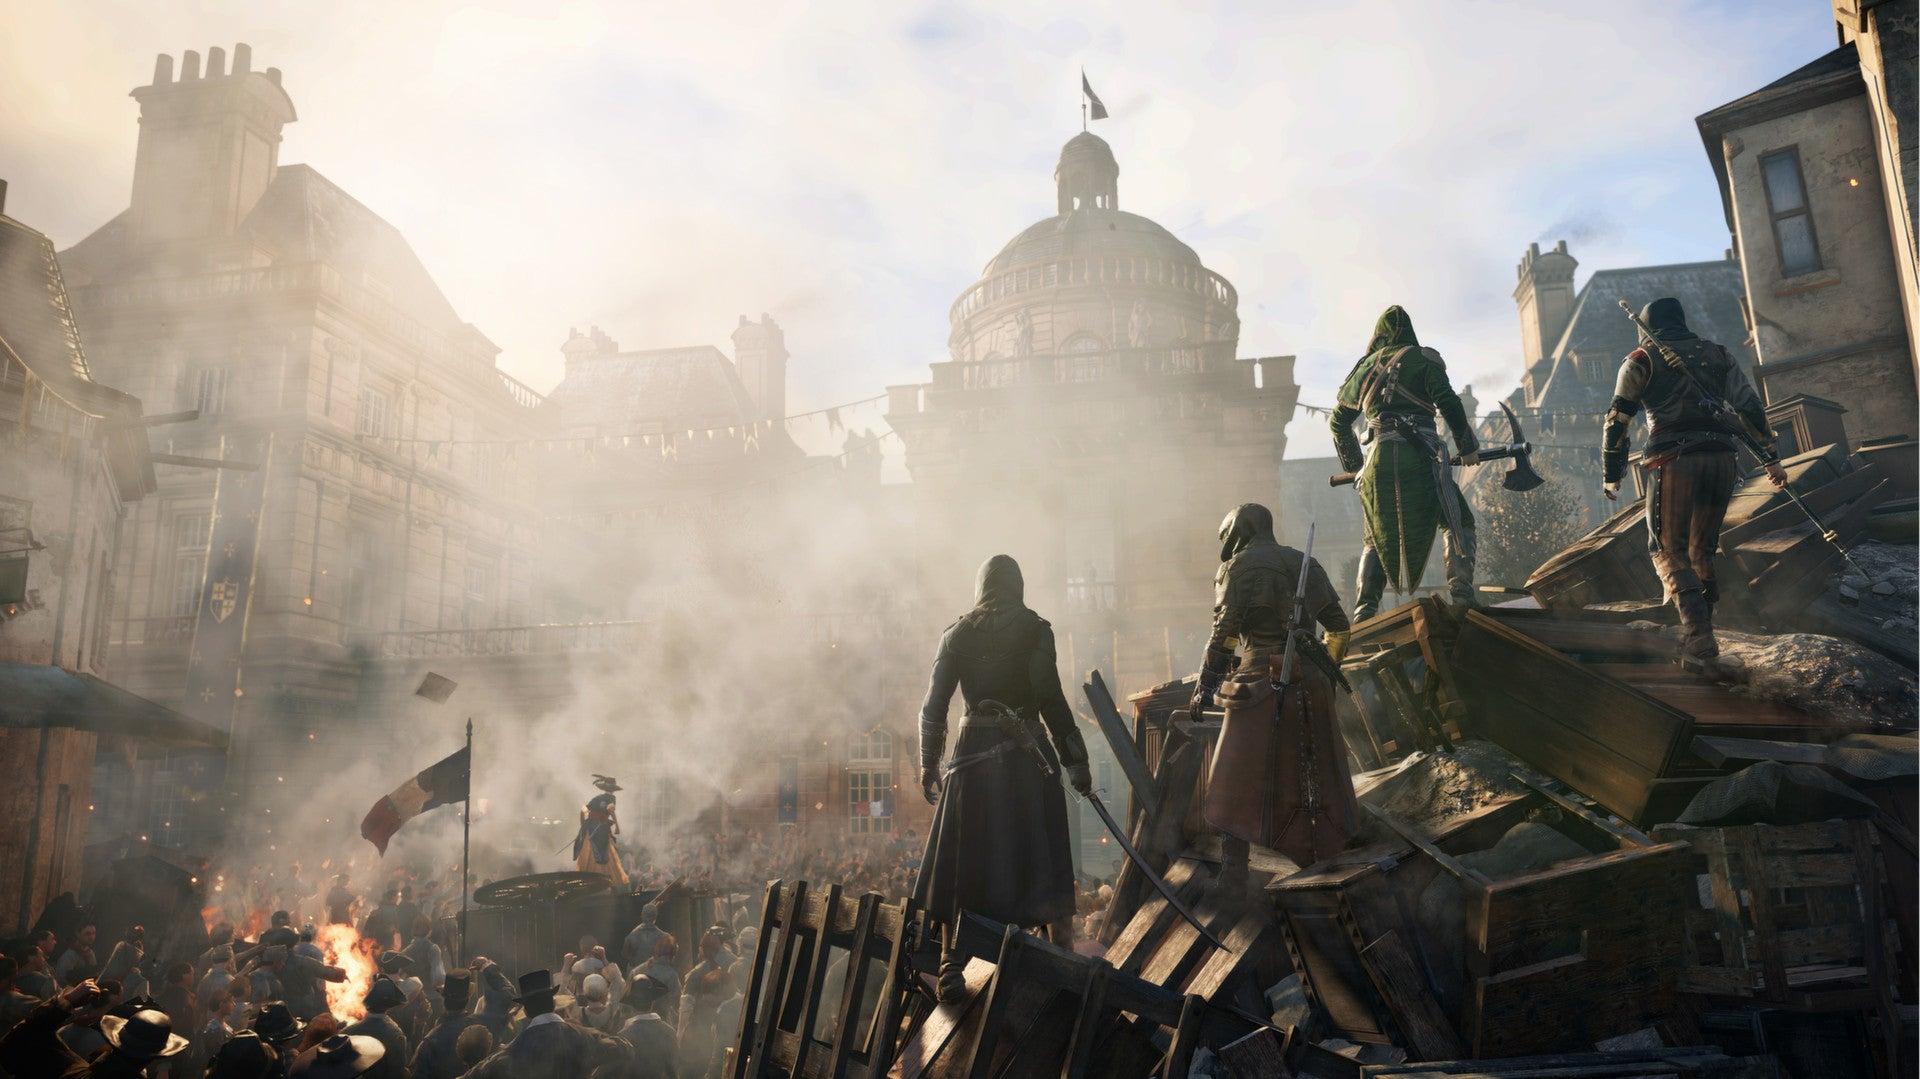 Assassin's Creed Unity on PC vs PS4 vs Xbox One